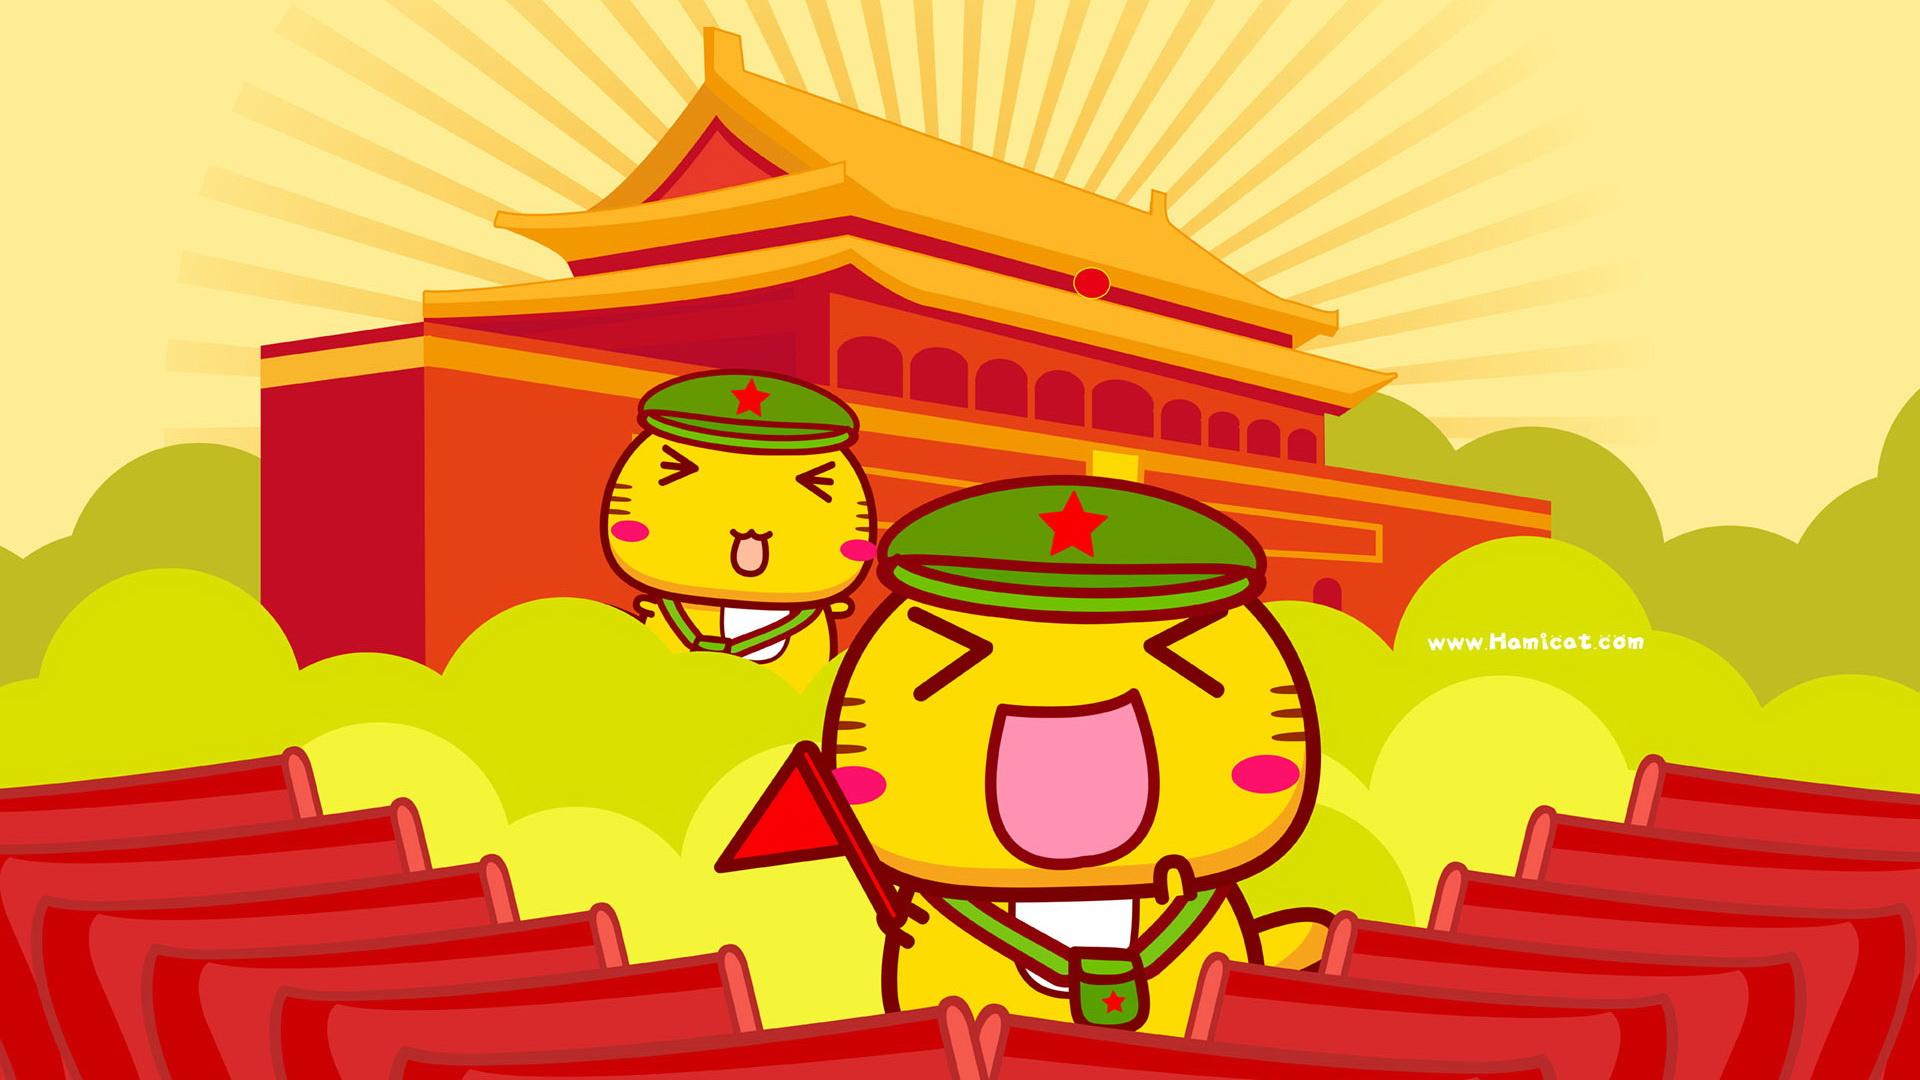 哈咪猫爱祖国 可爱卡通宽屏壁纸(壁纸8)